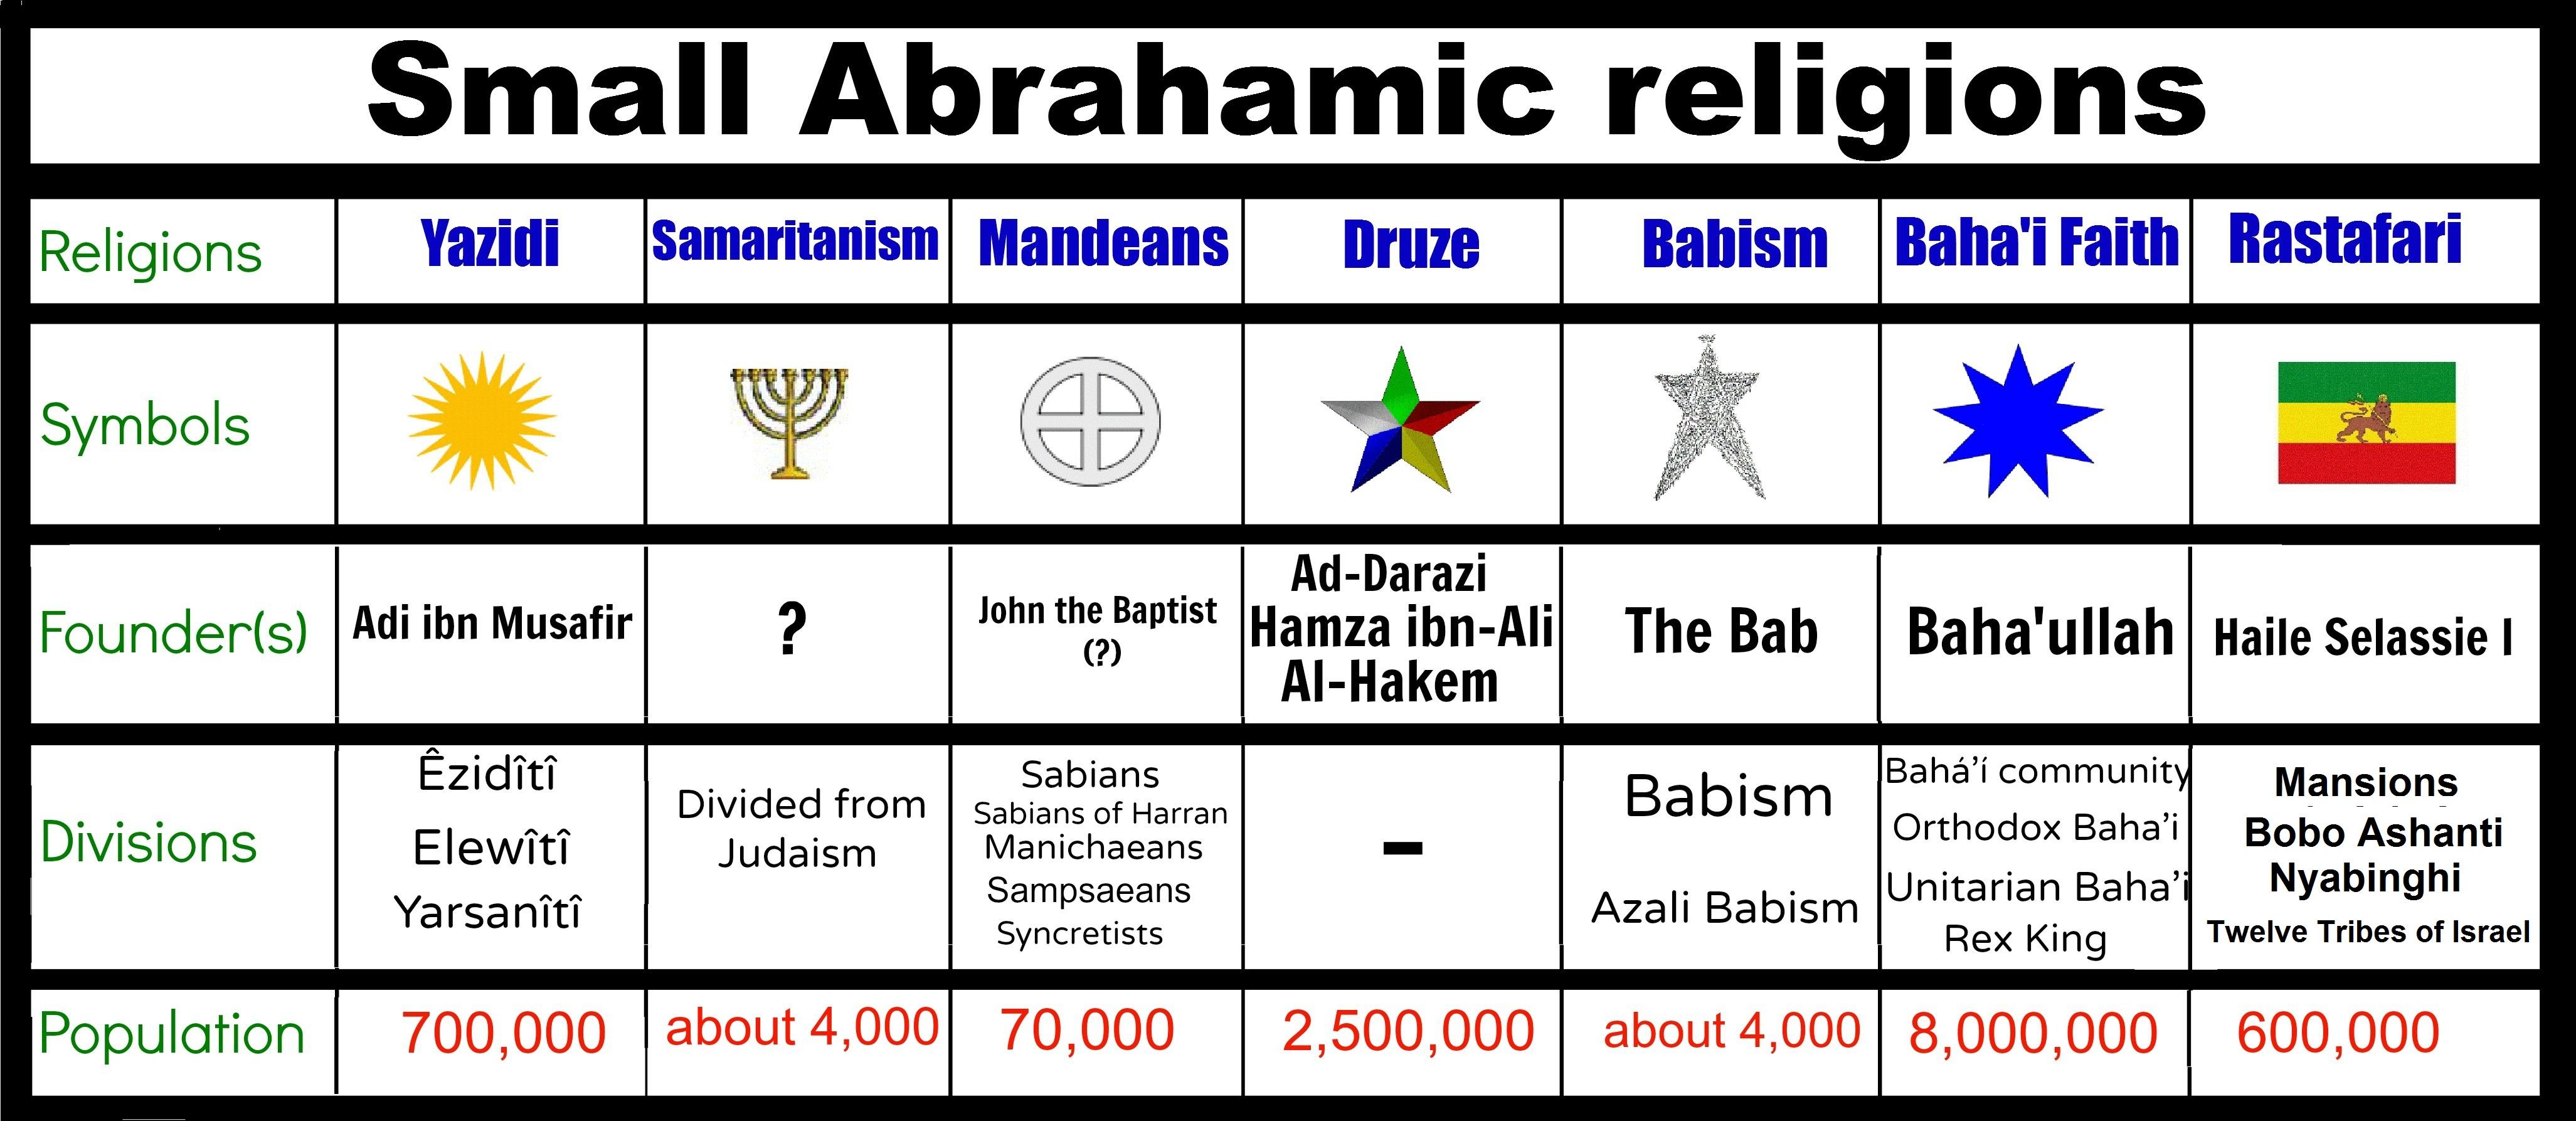 The three abrahamic religions